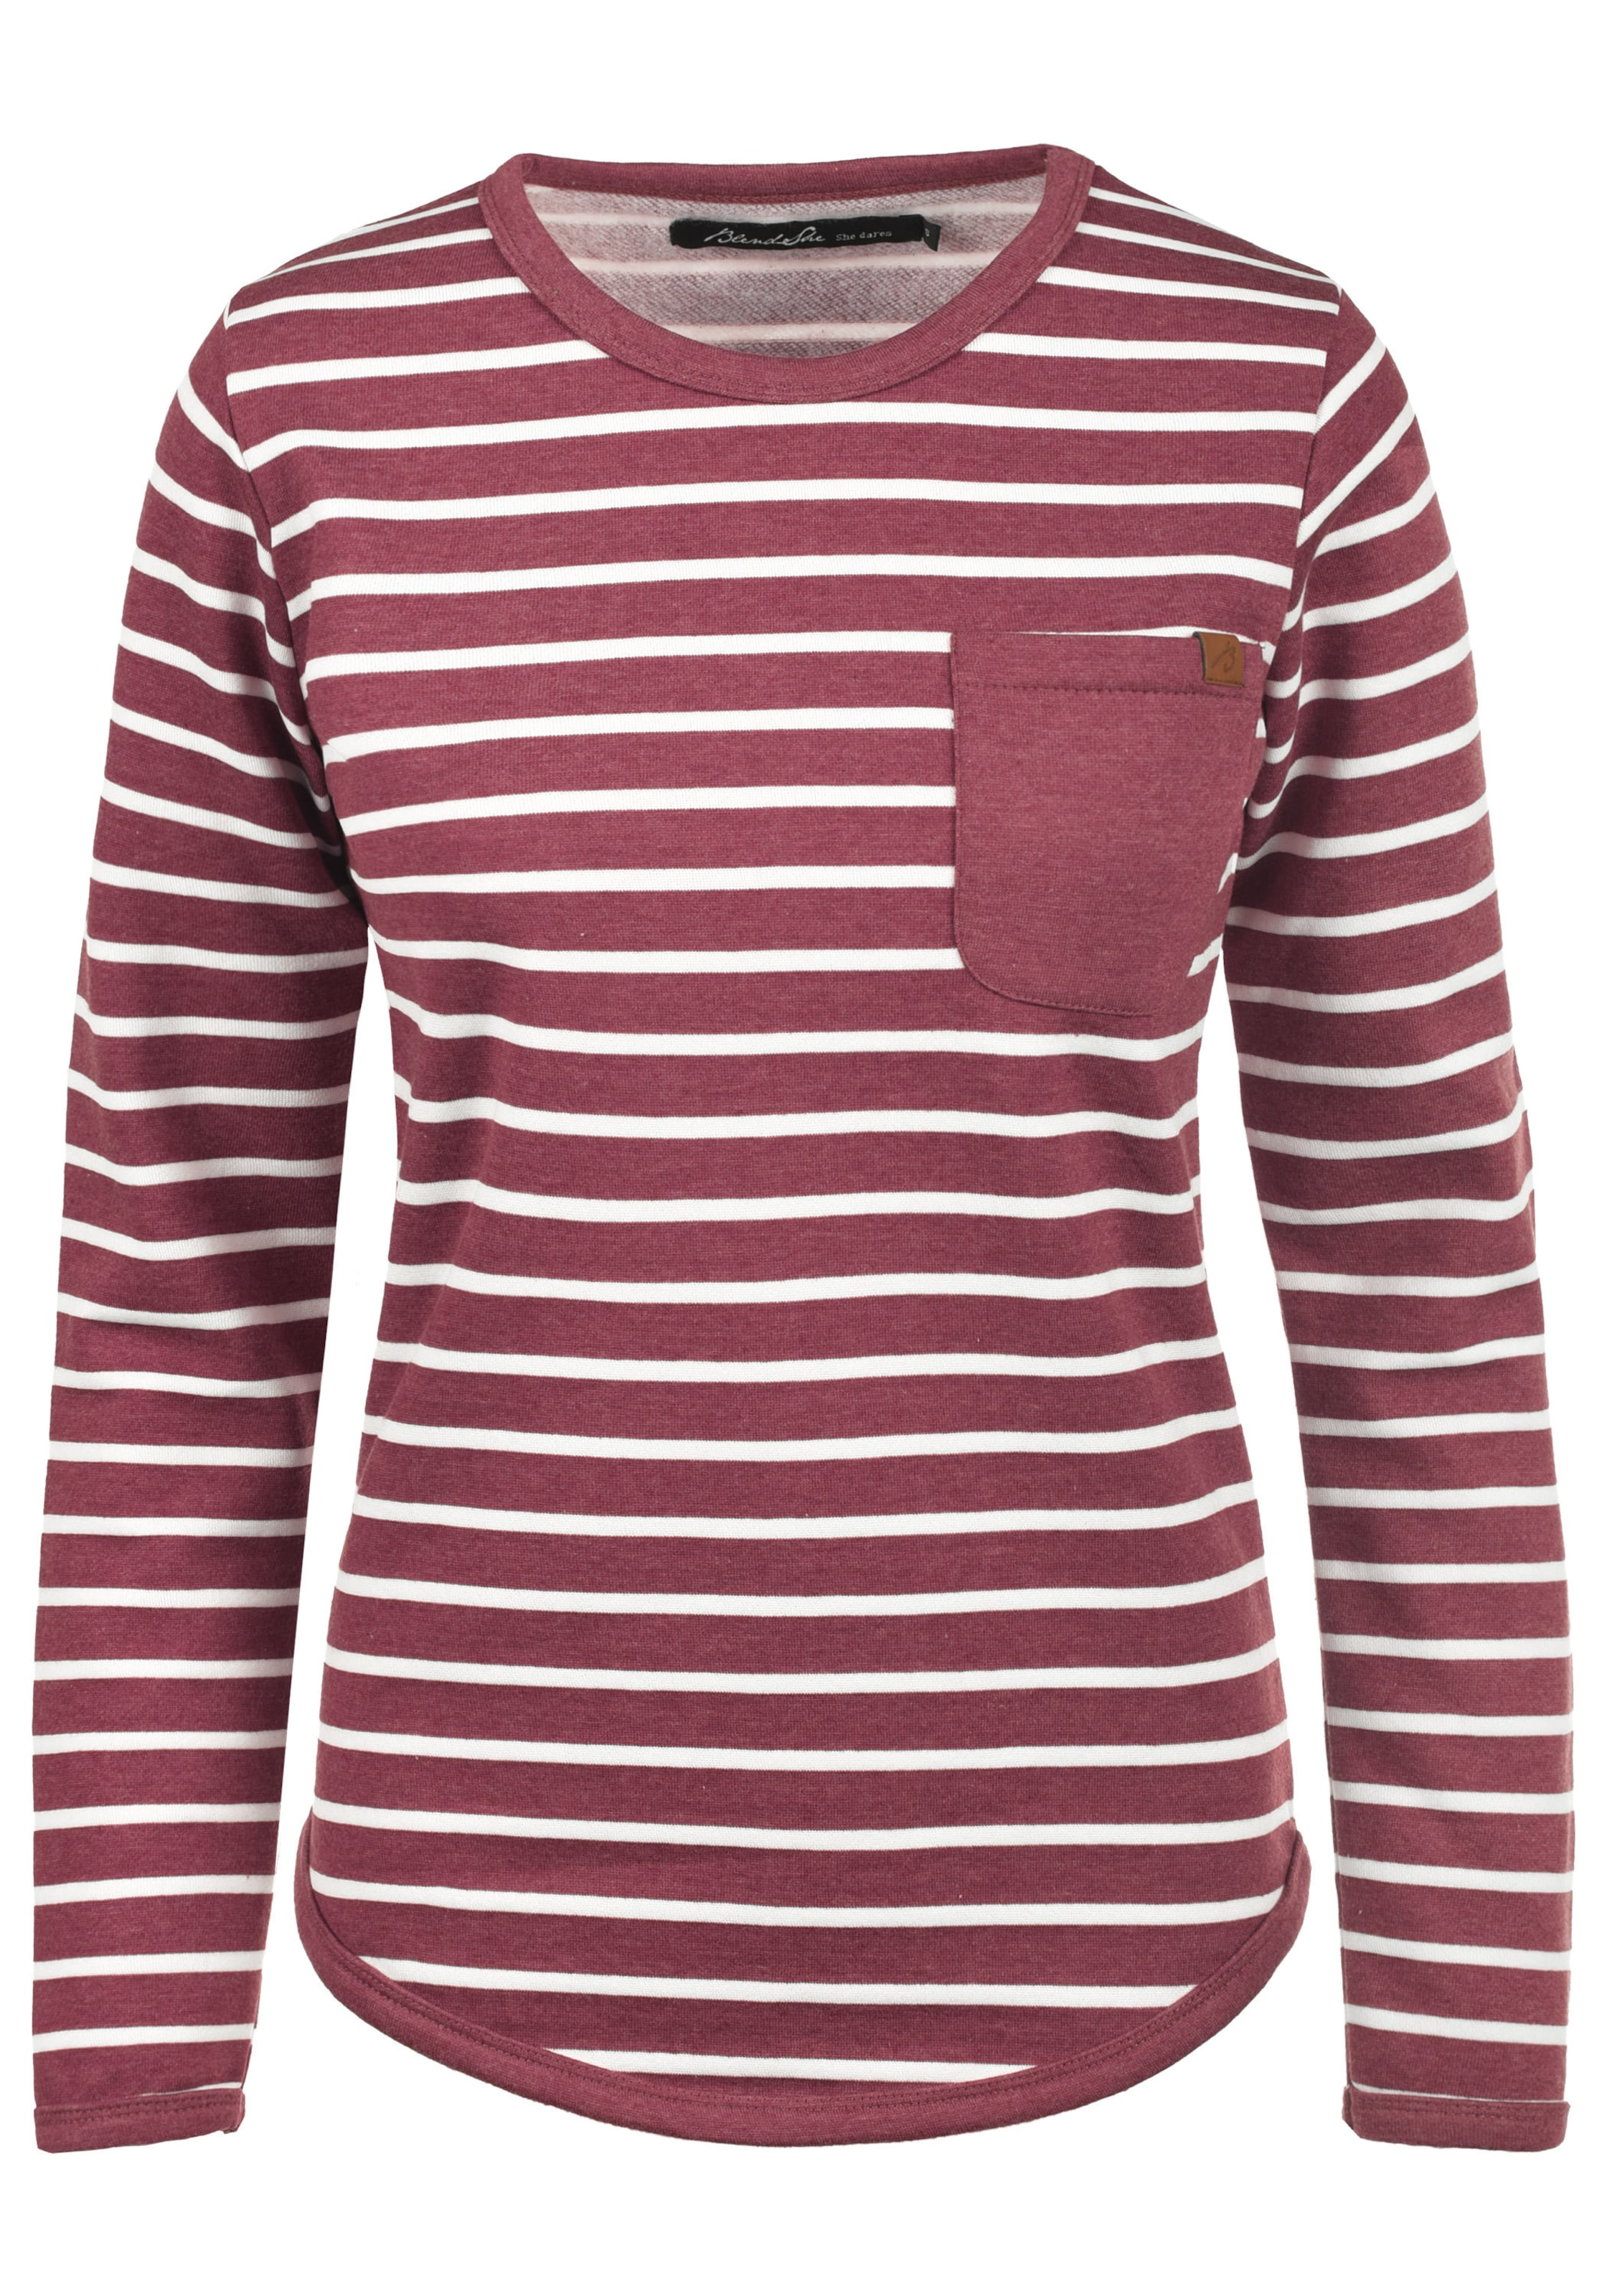 She She Blend Blend Sweatshirt In RotWeiß eH2IYE9WD